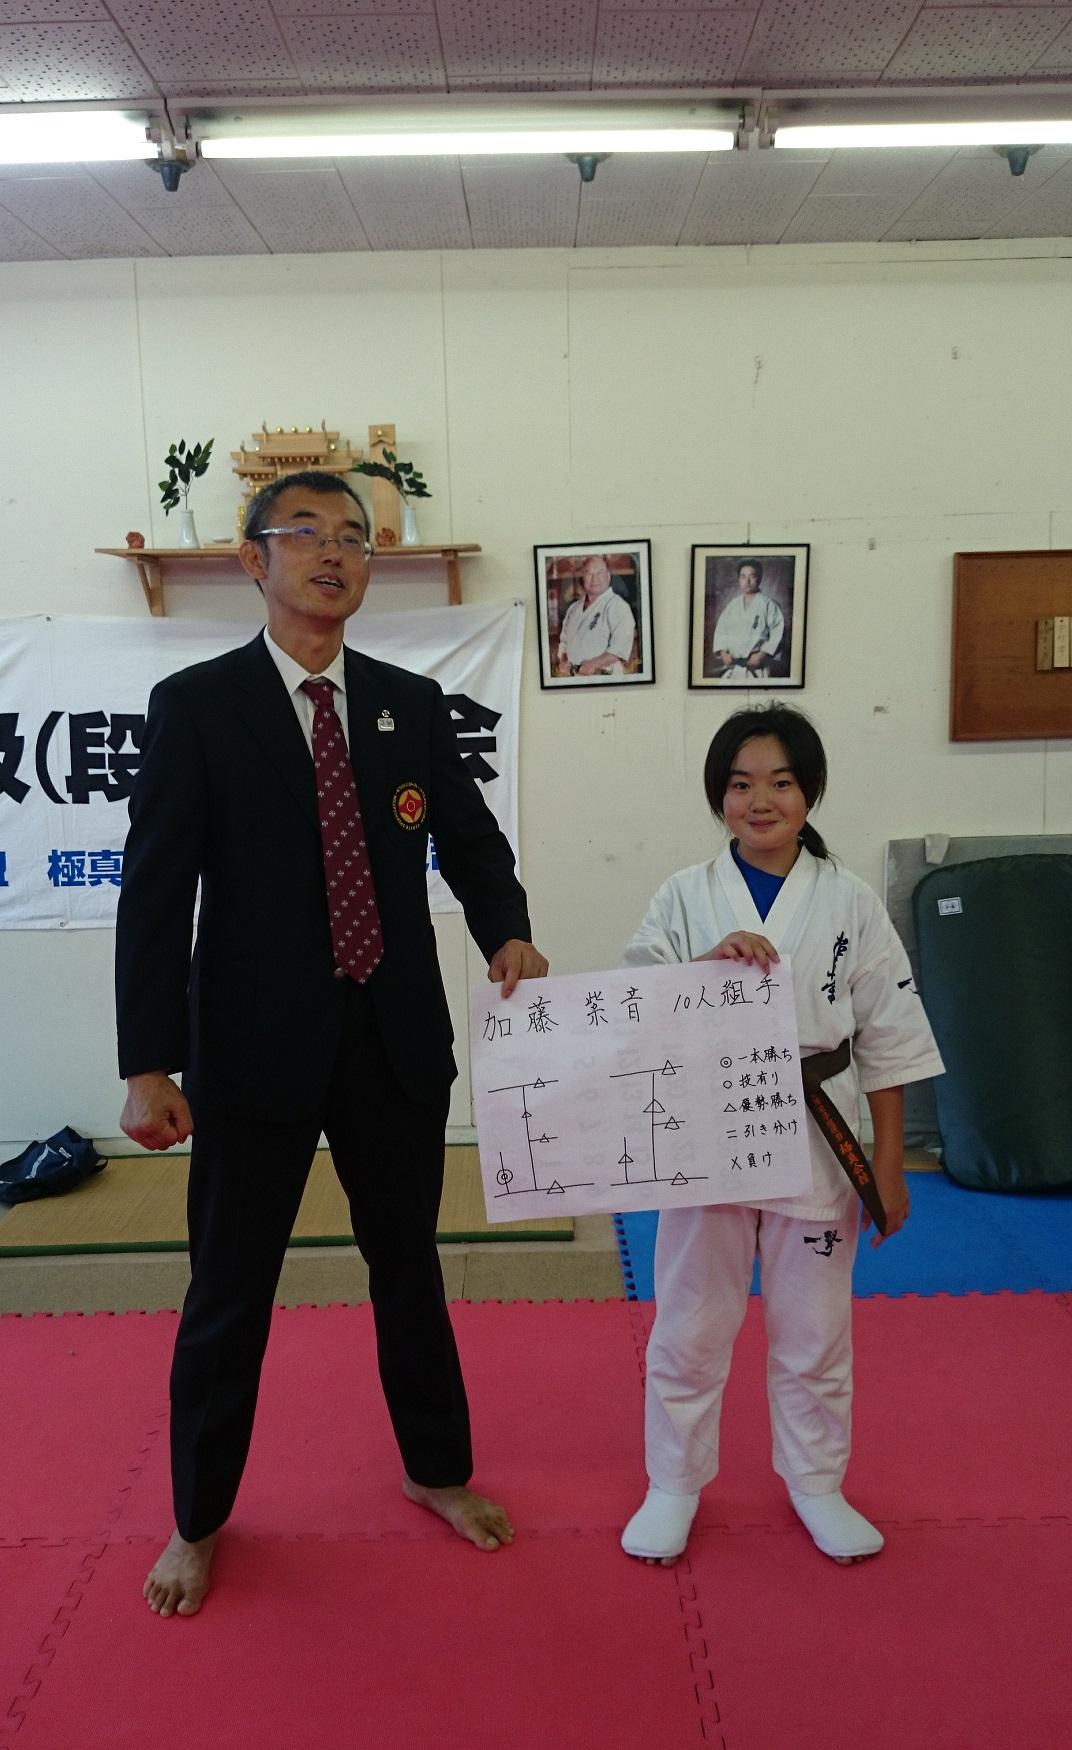 http://www.kyokushin-chibaminami.com/images/11.jpg